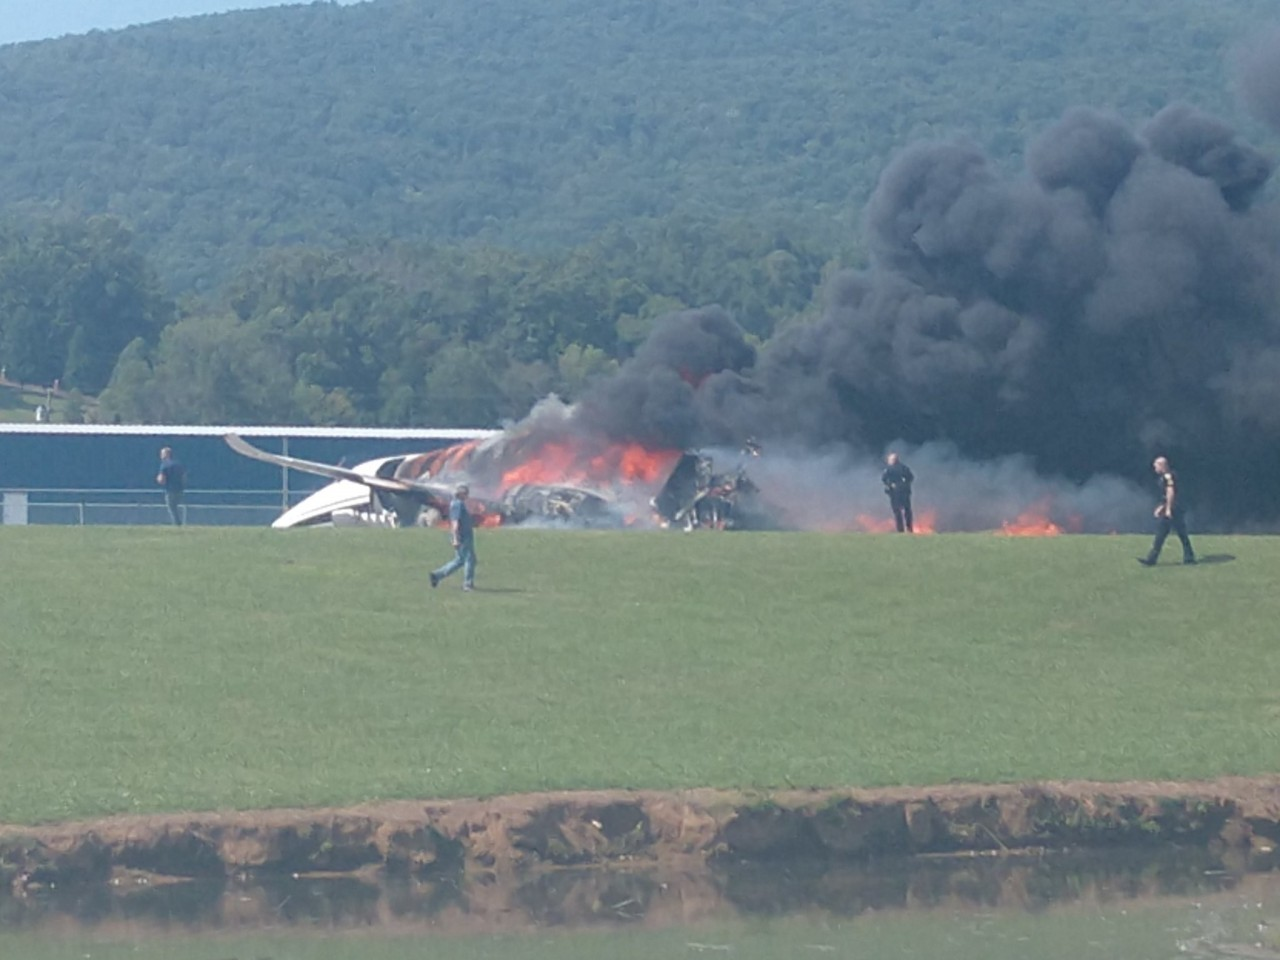 TRAGÉDIA: avião com Earnhardt Jr. e família cai e pega fogo